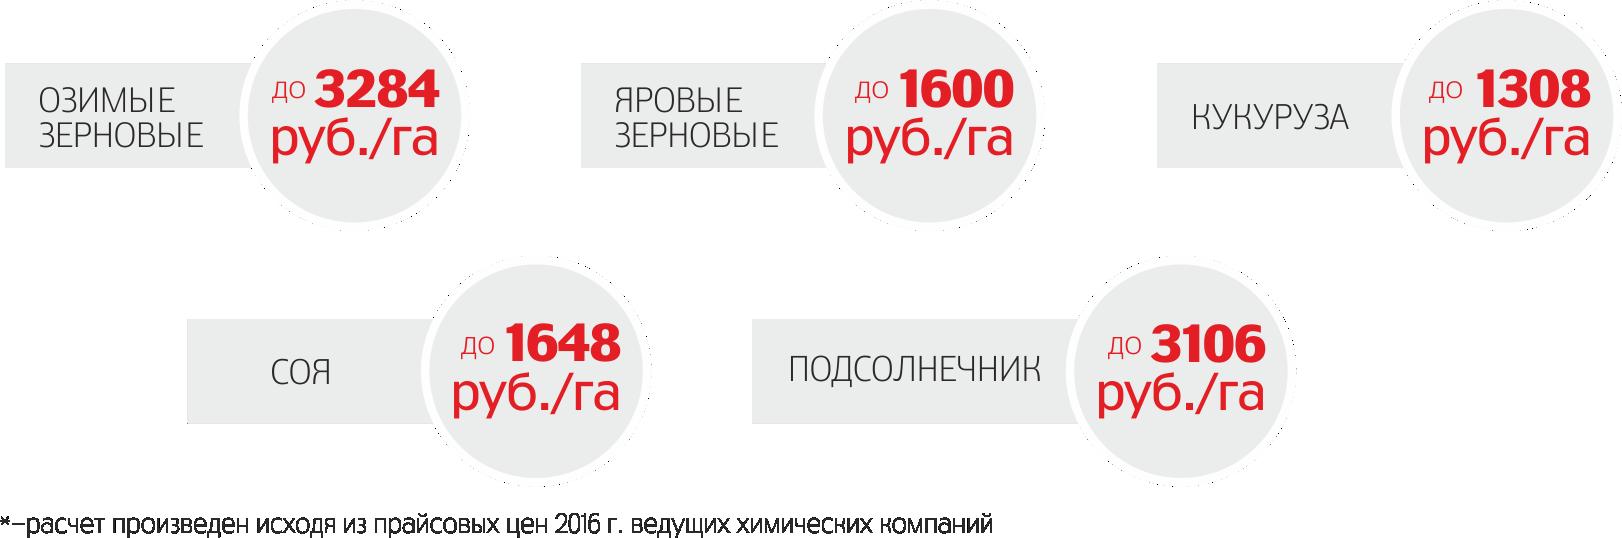 *-расчет произведен, исходя из прайсовых цен 2016 г. ведущих химических компаний